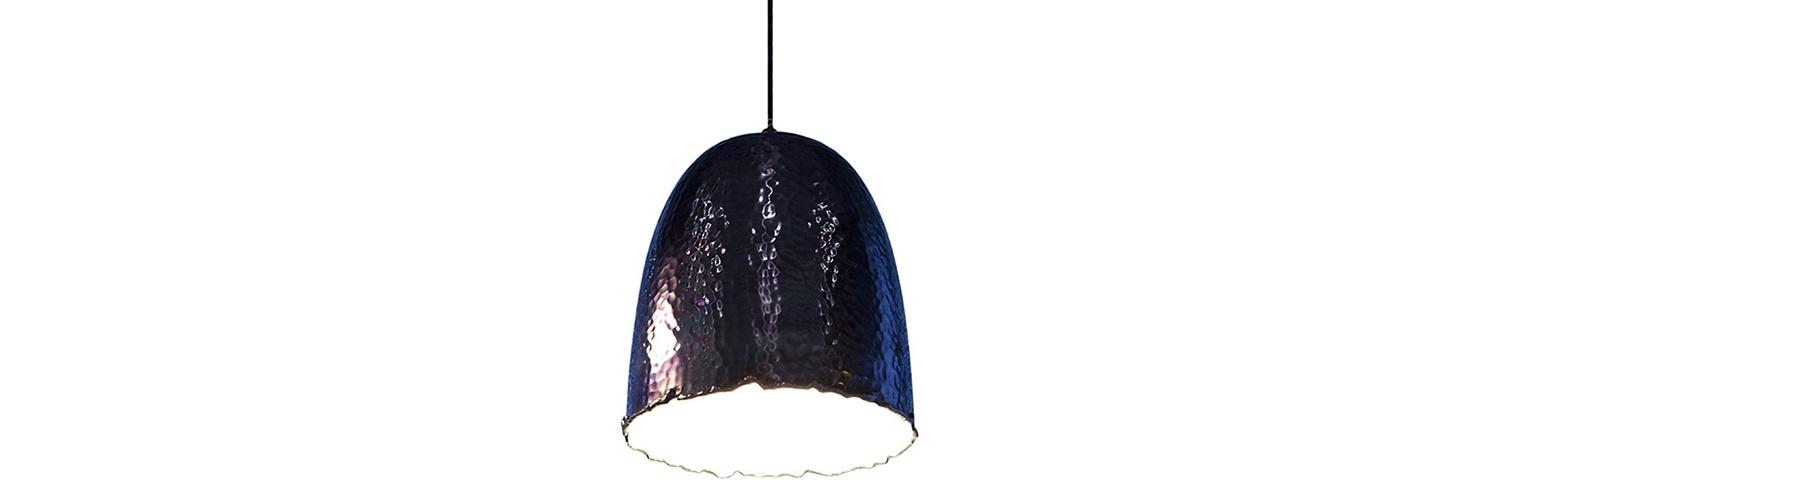 подвес PETROLПодвесные светильники<br>Тип цоколя, мощность: E27, 40 w<br><br>Material: Алюминий<br>Высота см: 20